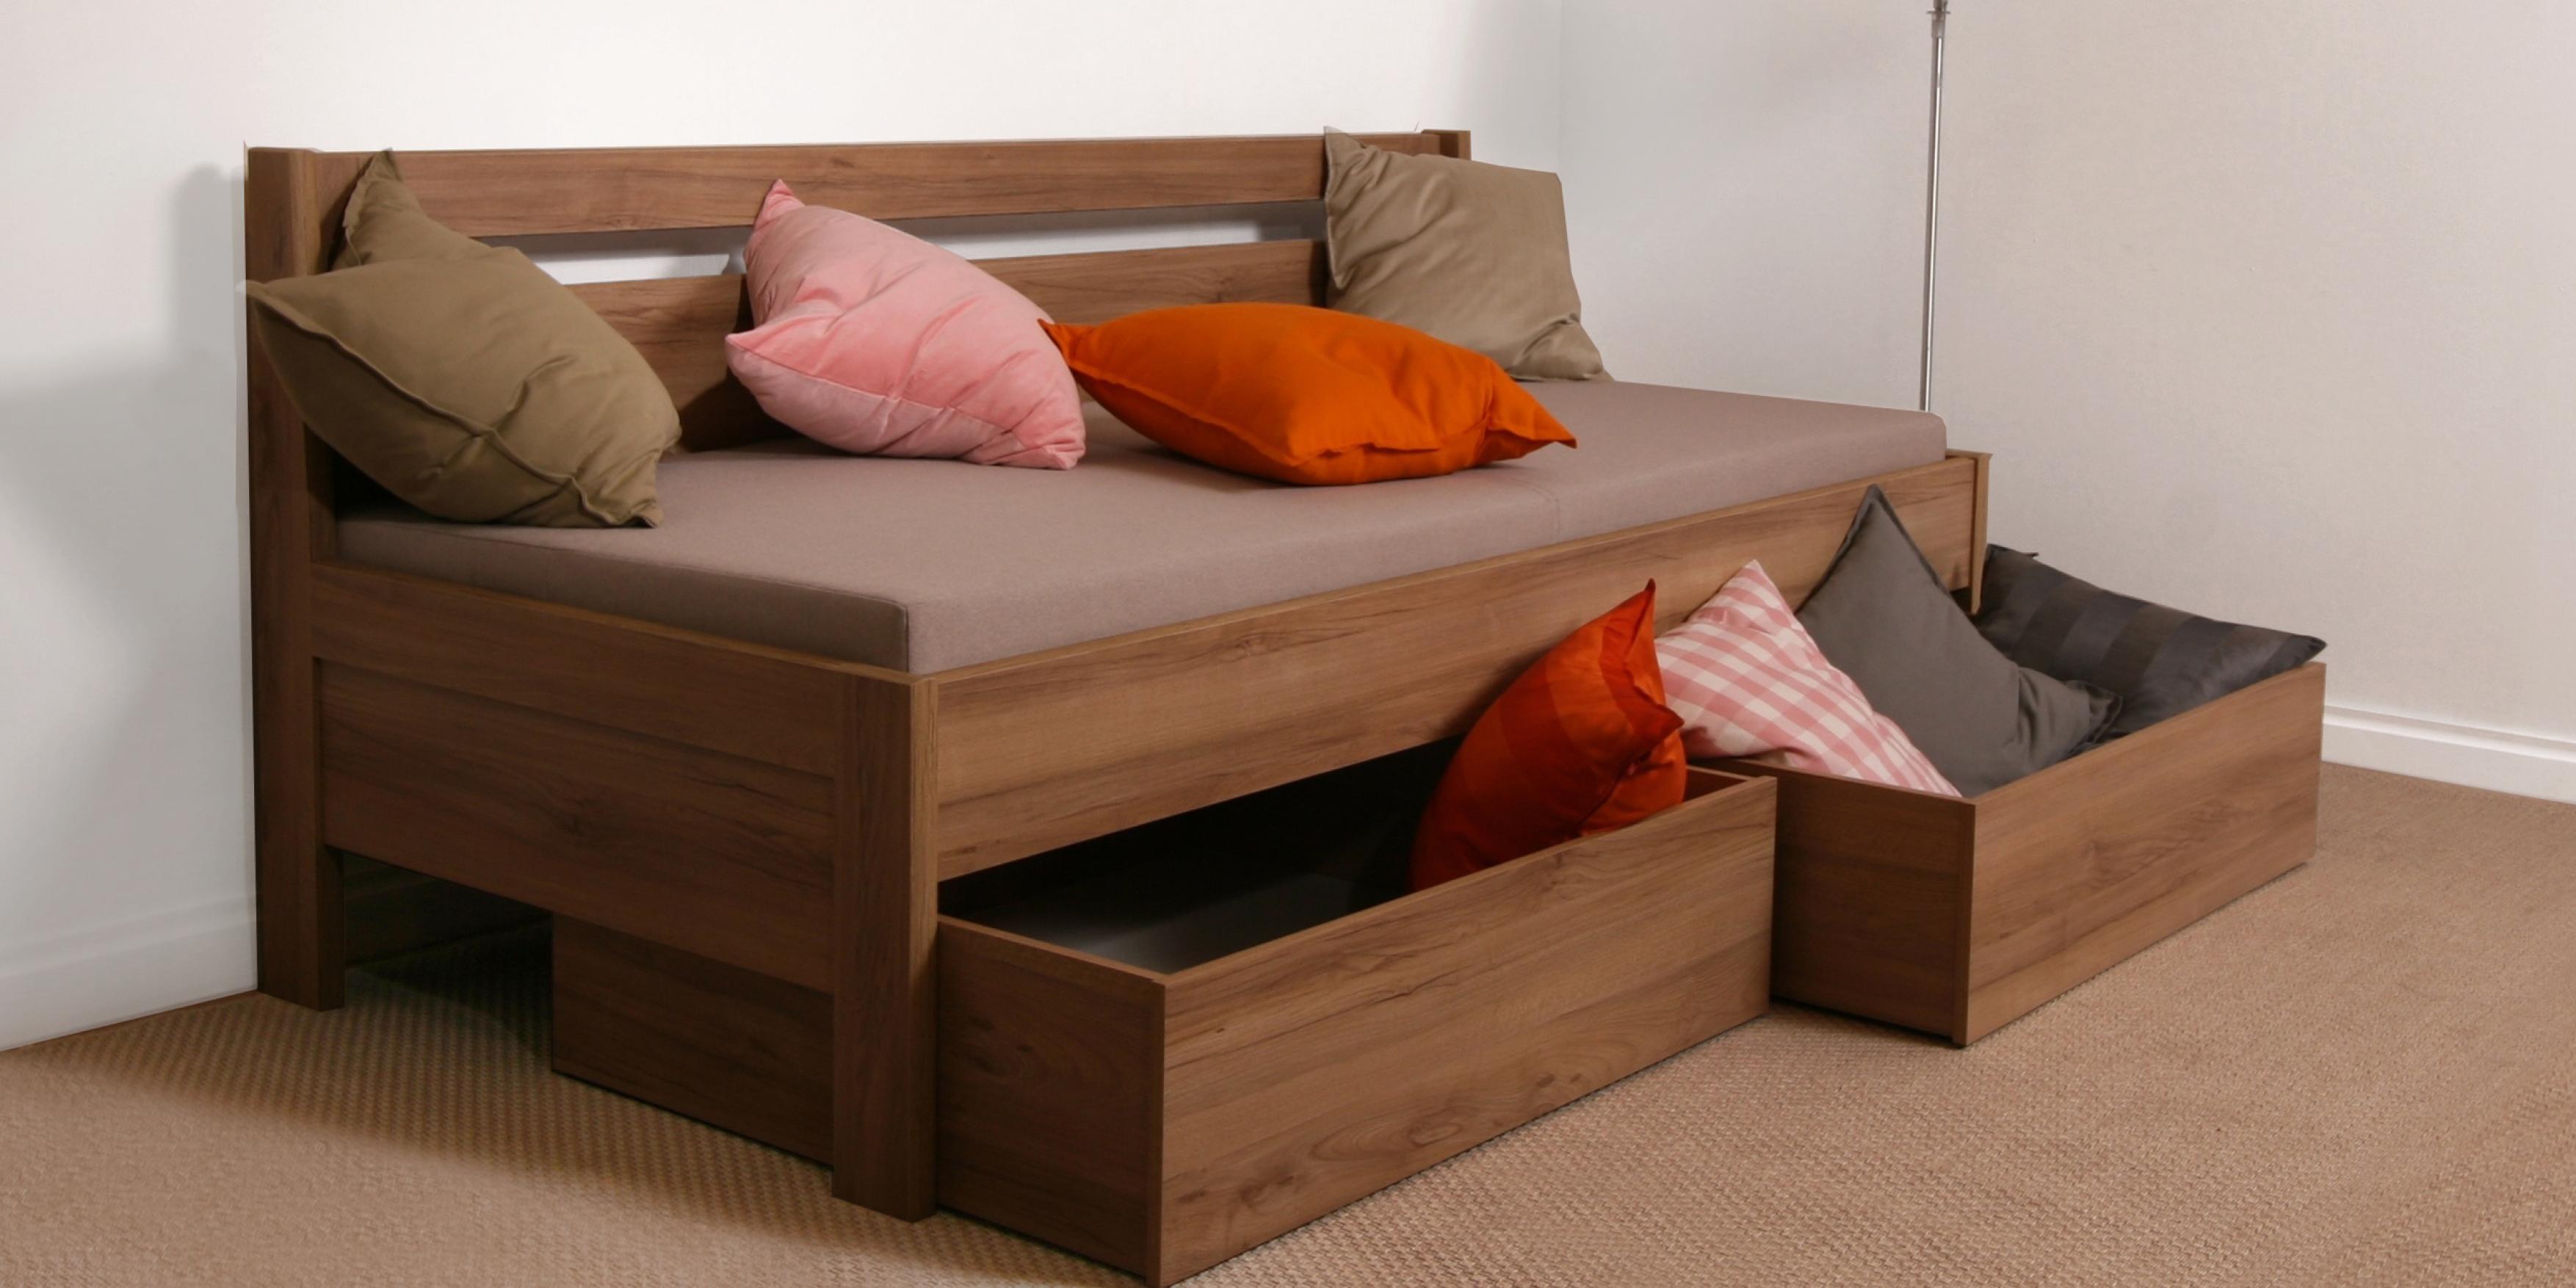 rozkládací postele, rozkládací postel s úložným prostorem, postele, postel, tandem postel, rošty, rošt, rosty, rost, rozkladaci postele z masivu, rozkládací postele z lamina